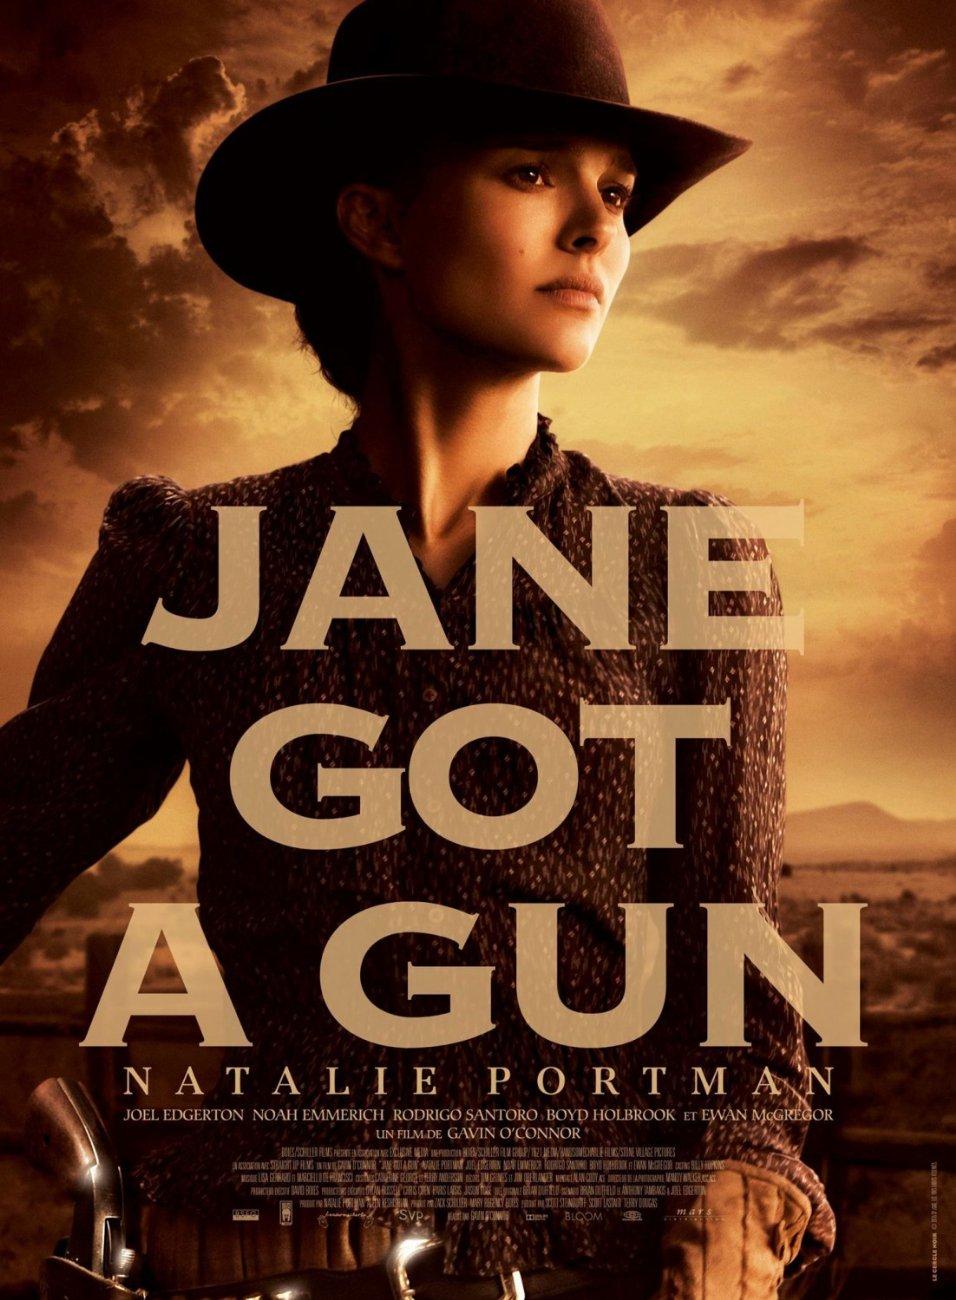 JANE GOT A GUN FONT